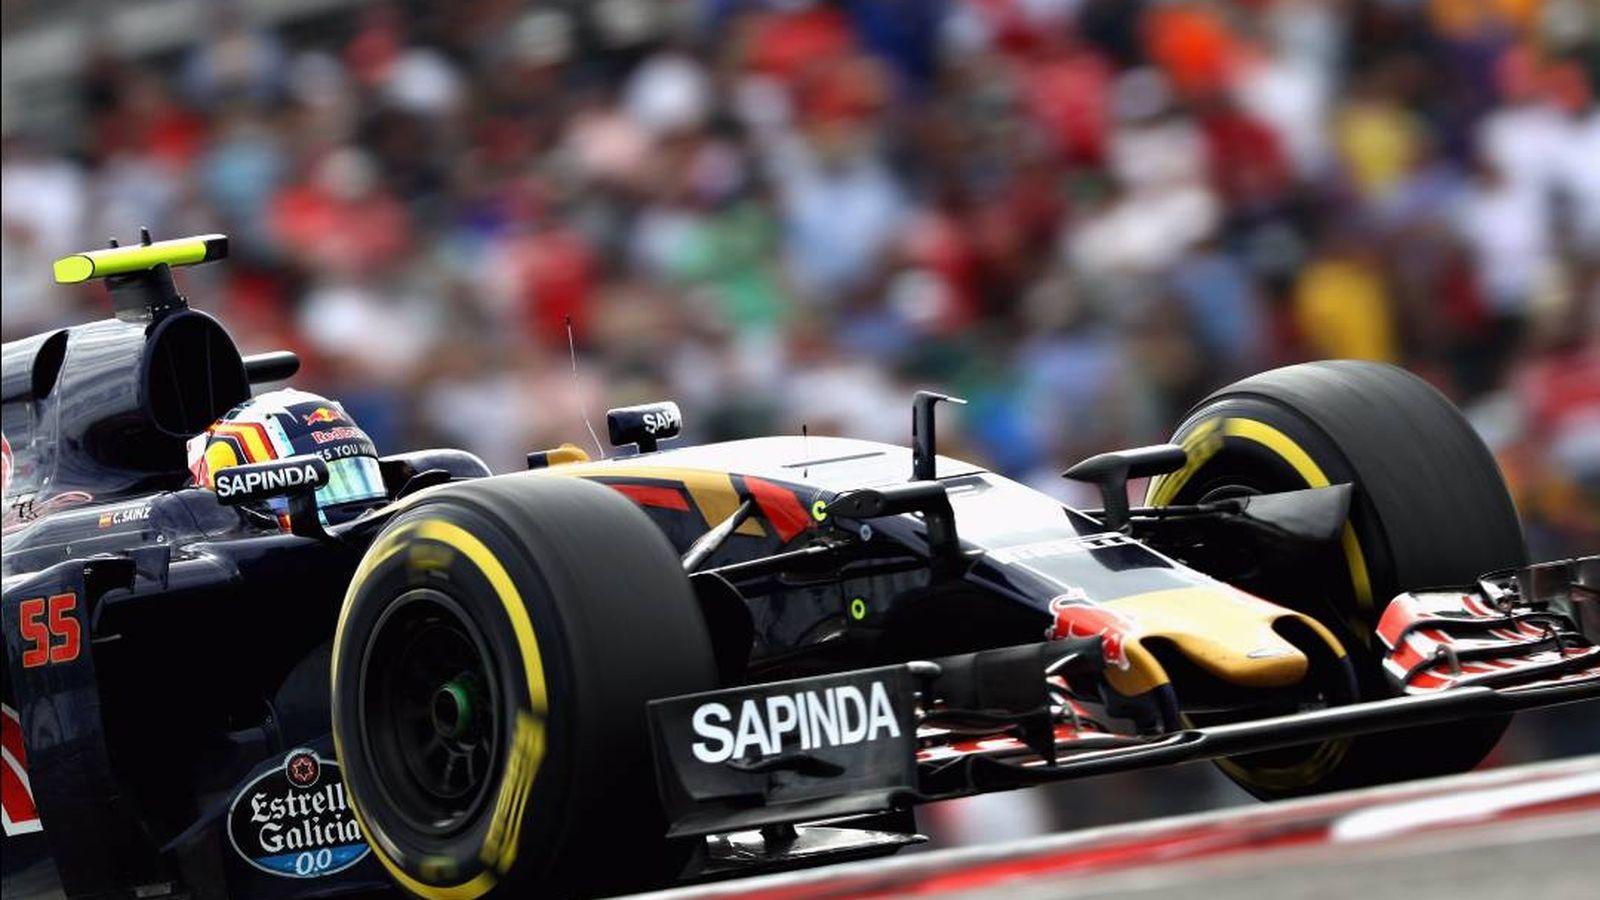 Foto: Carlos Sainz en su STR11 durante el GP de EEUU.